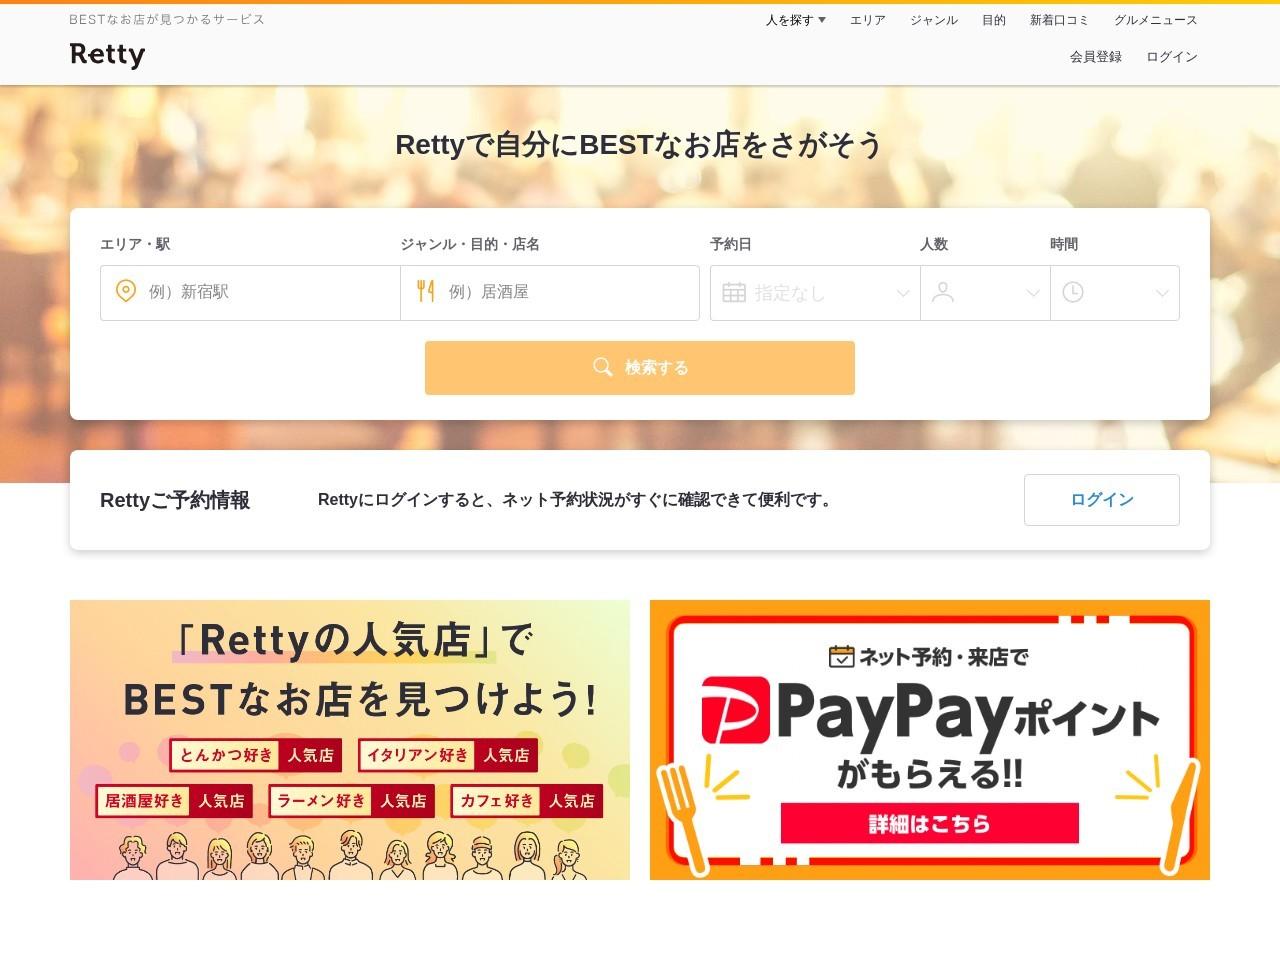 【自動投稿】 松本市 無料wifi でおすすめのお店 – Retty